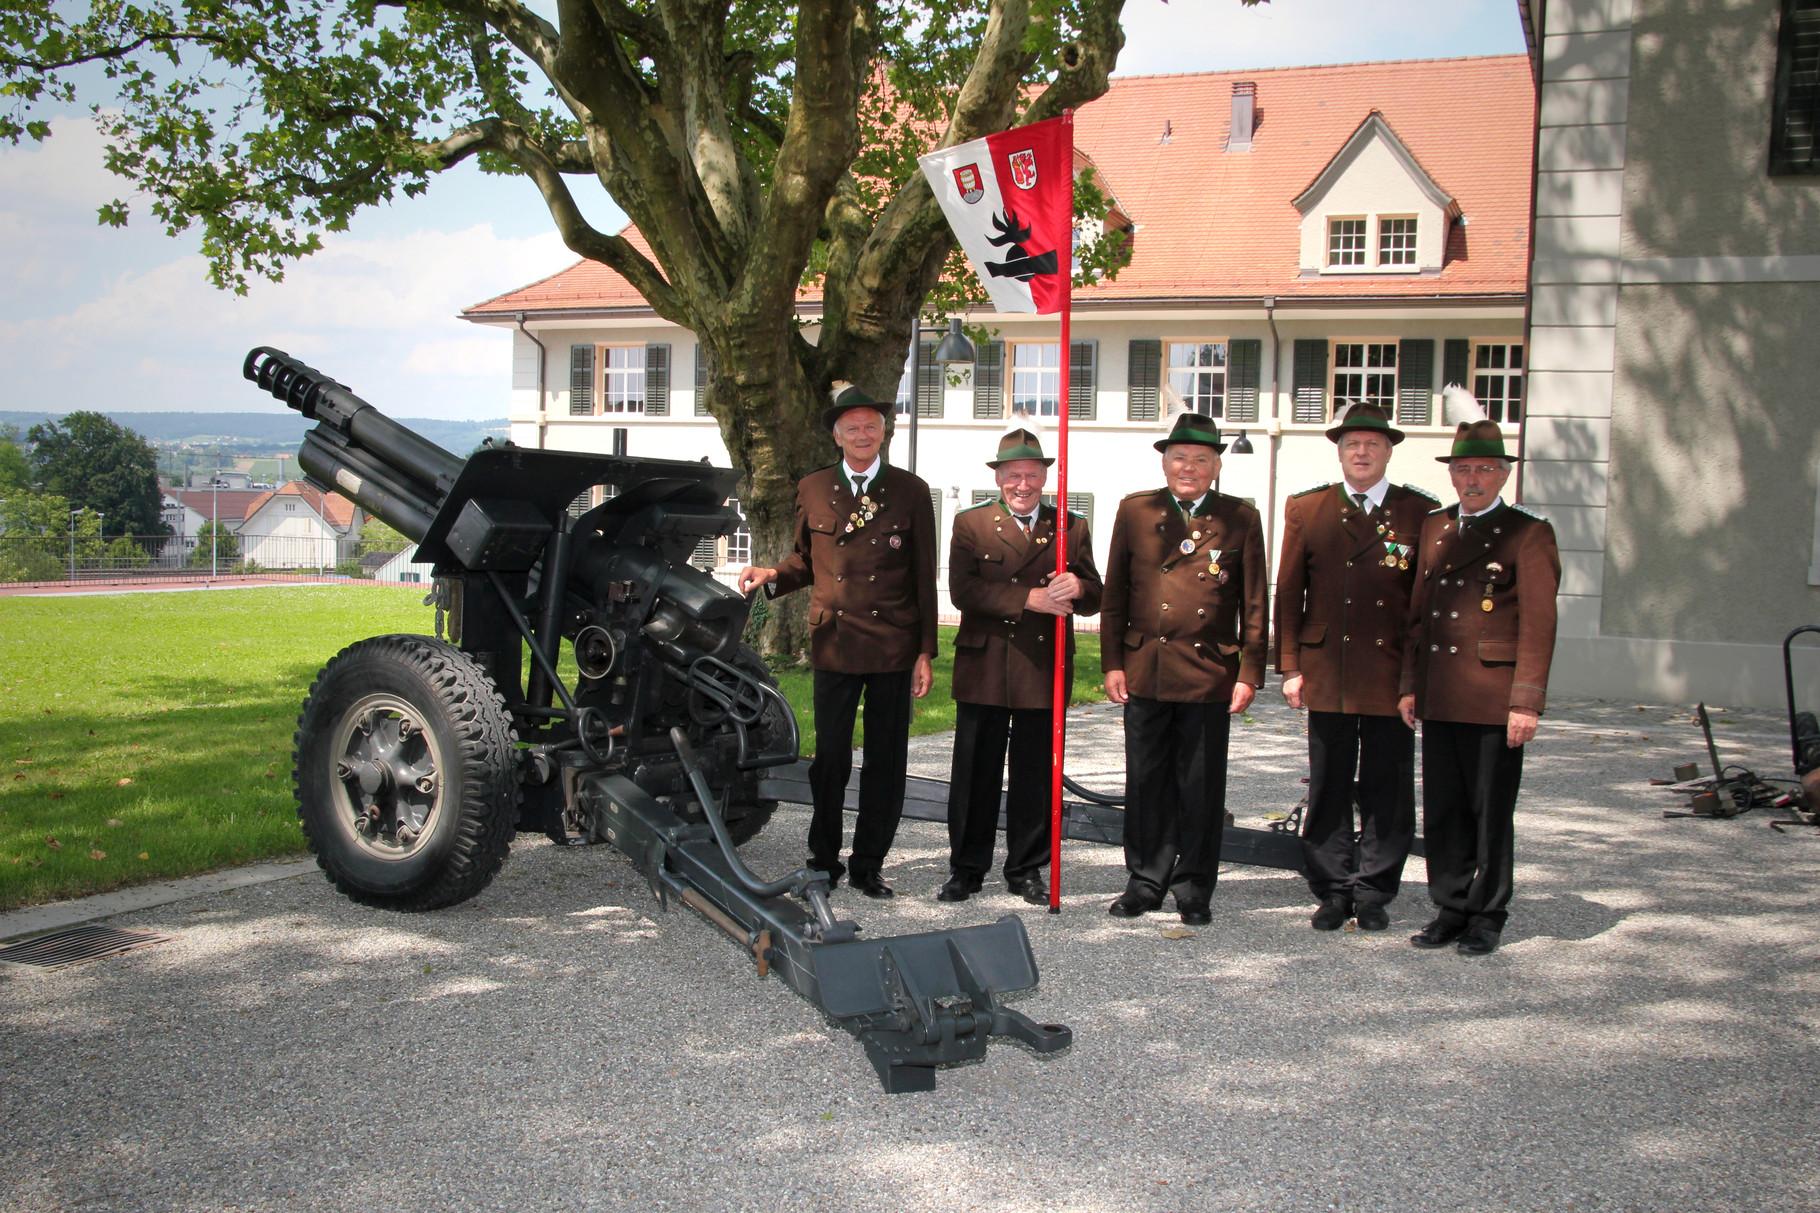 Ehrengeschützzug Kufstein Inspektion in Frauenfeld